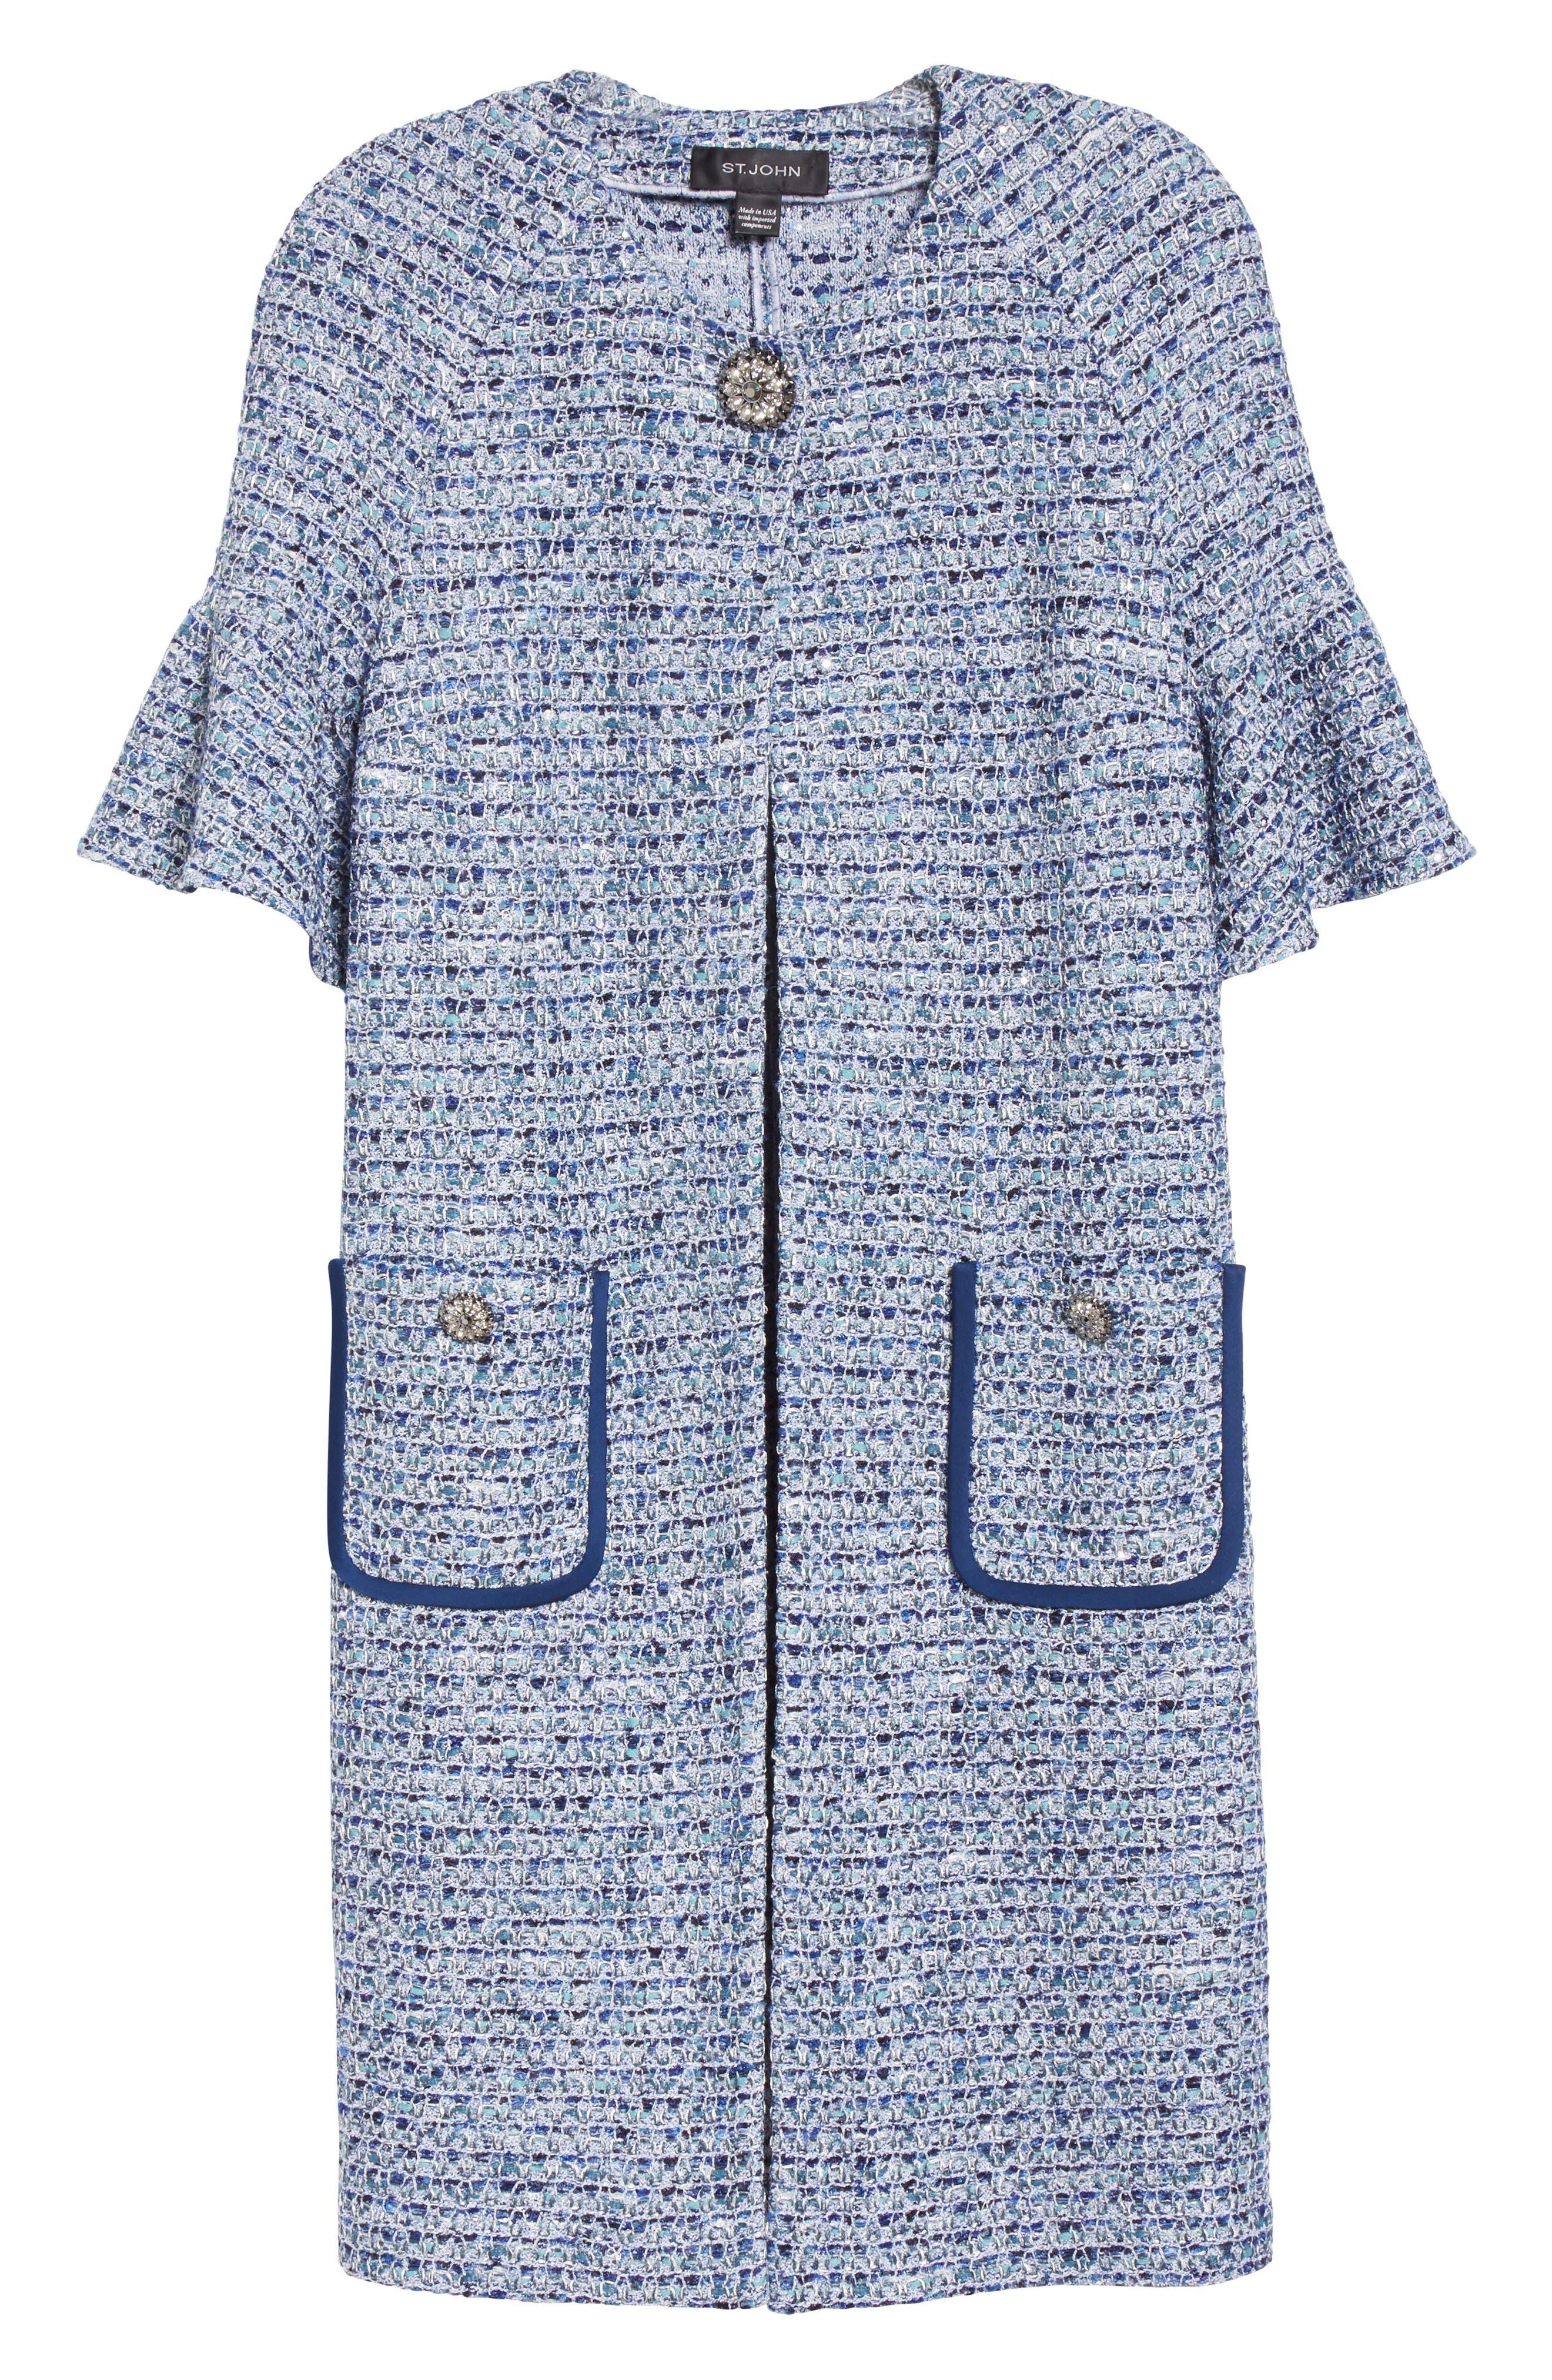 Kiara Tweed Bell Sleeve Jacket,                             Alternate thumbnail 7, color,                             Blue Multi